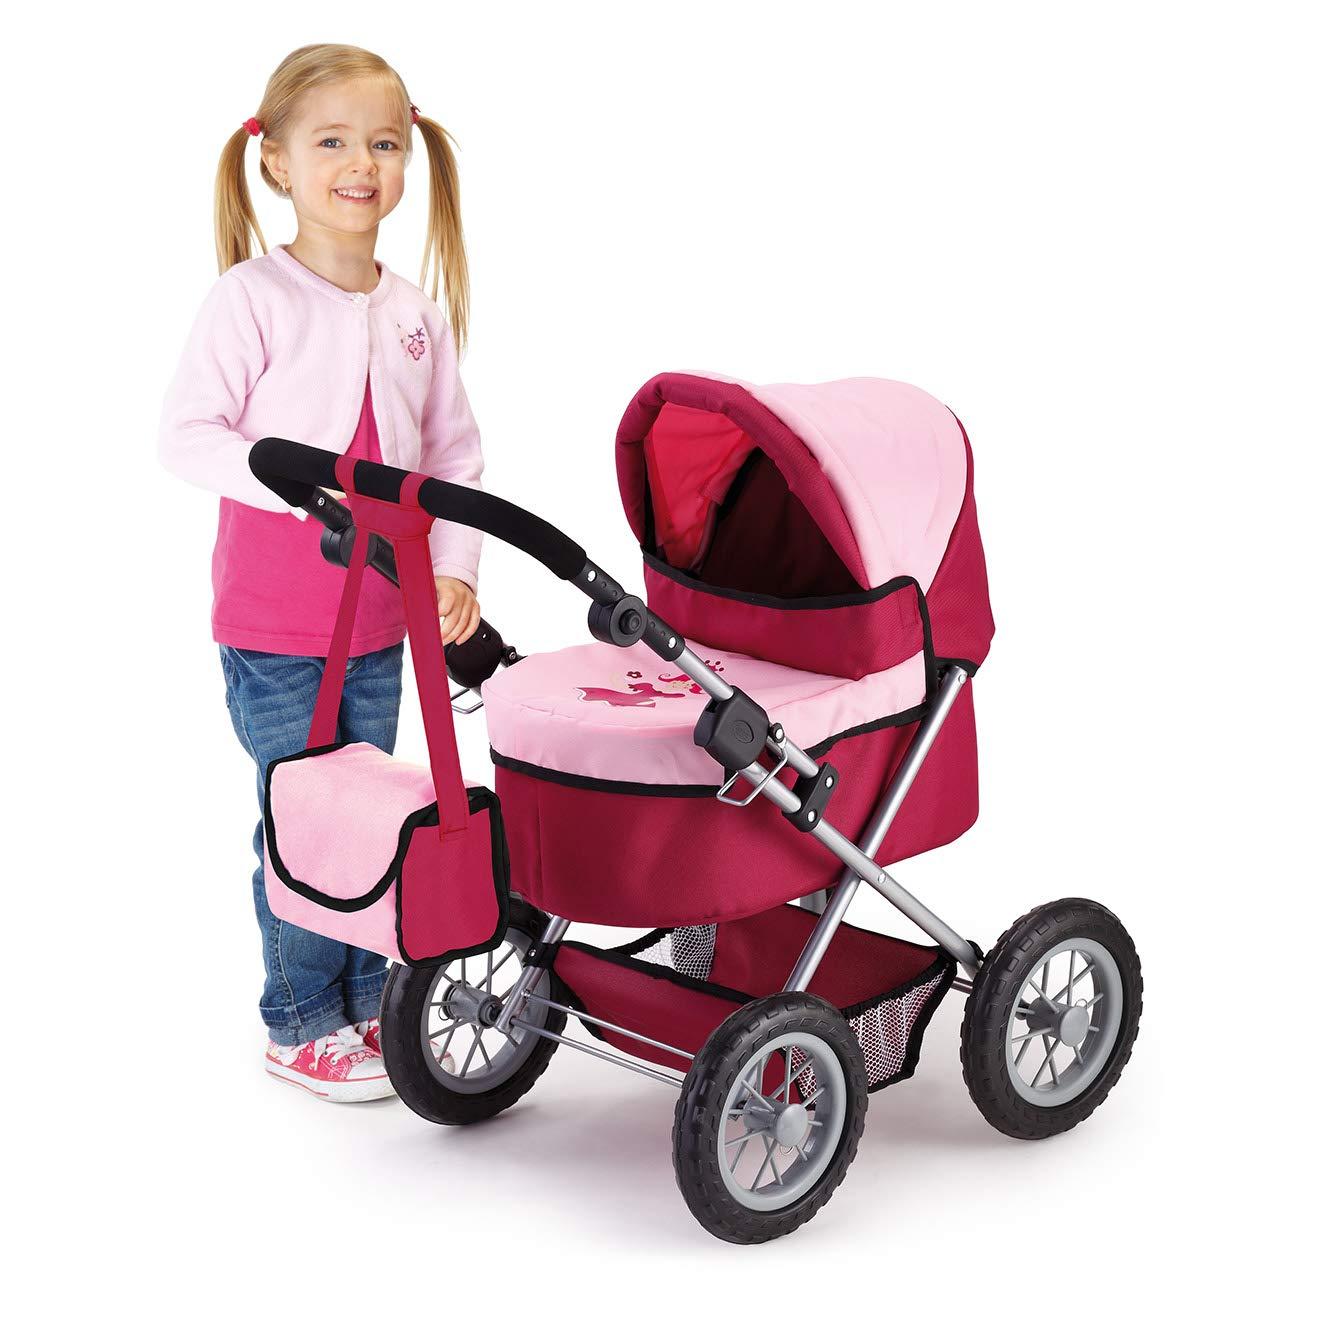 Puppen Bayer Design 13012af Puppenwagen Trendy Set Mit Funktionspuppe First Words Baby